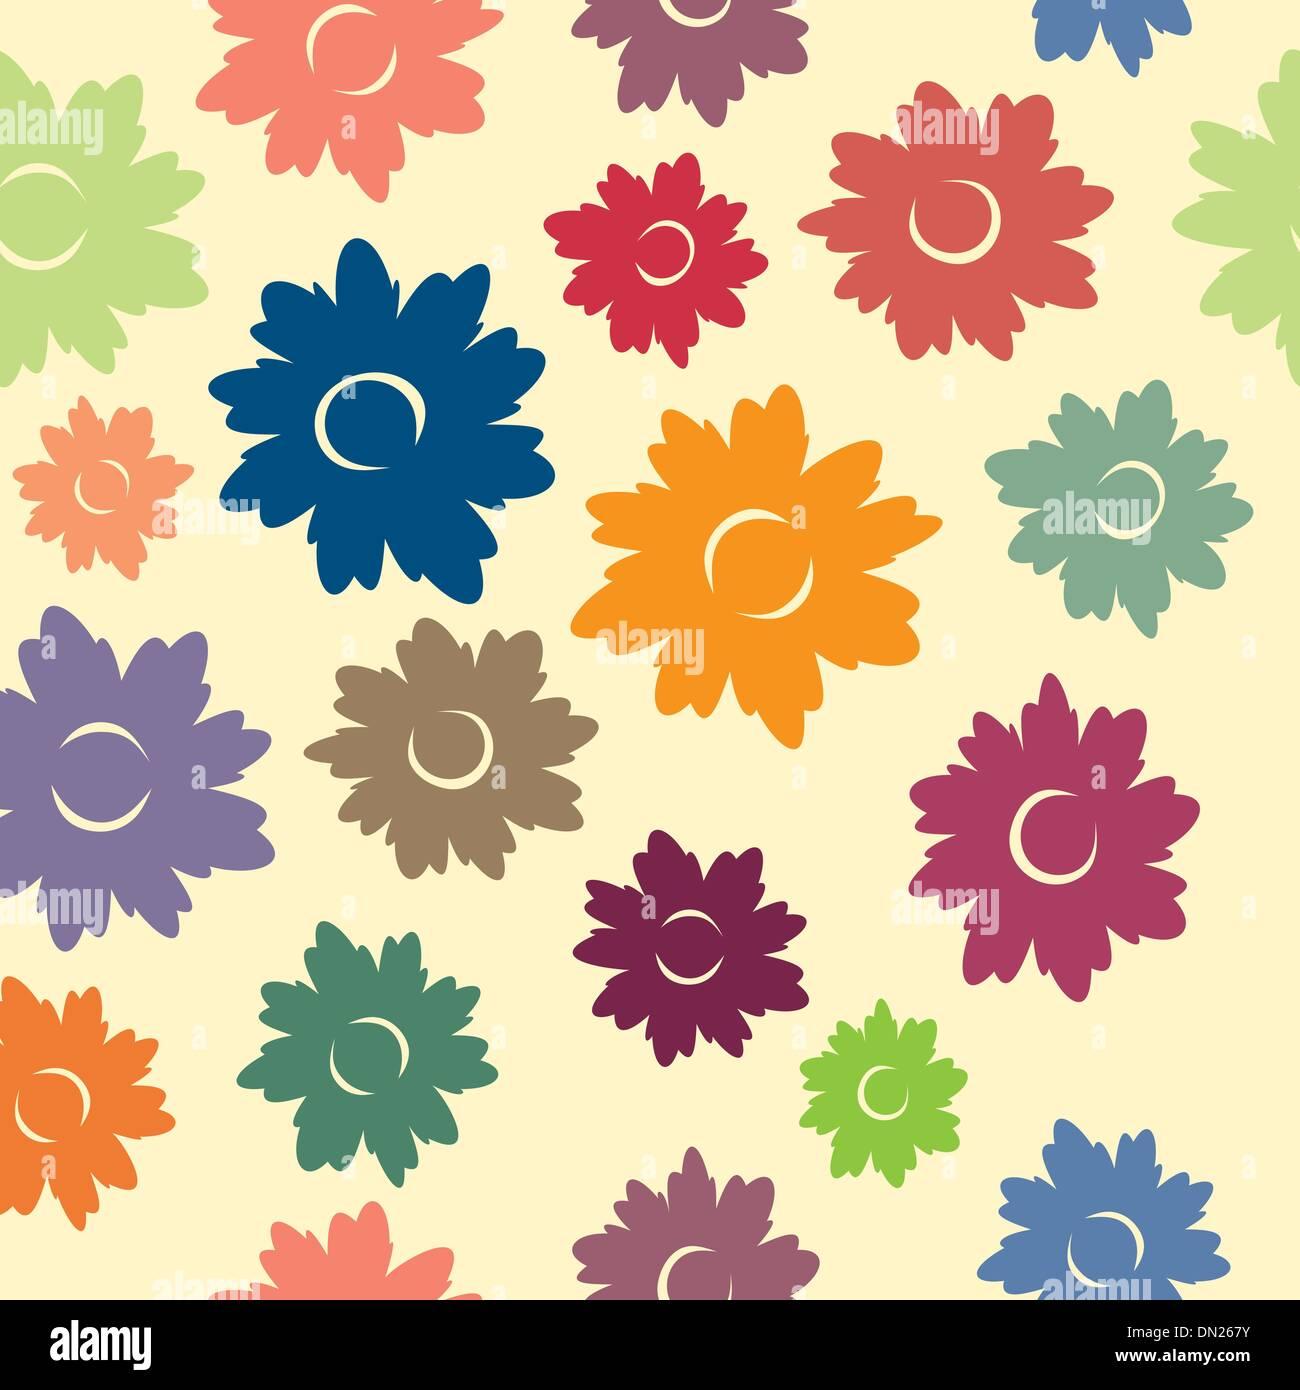 Padrão Sem Costura Floral Imagens de Stock